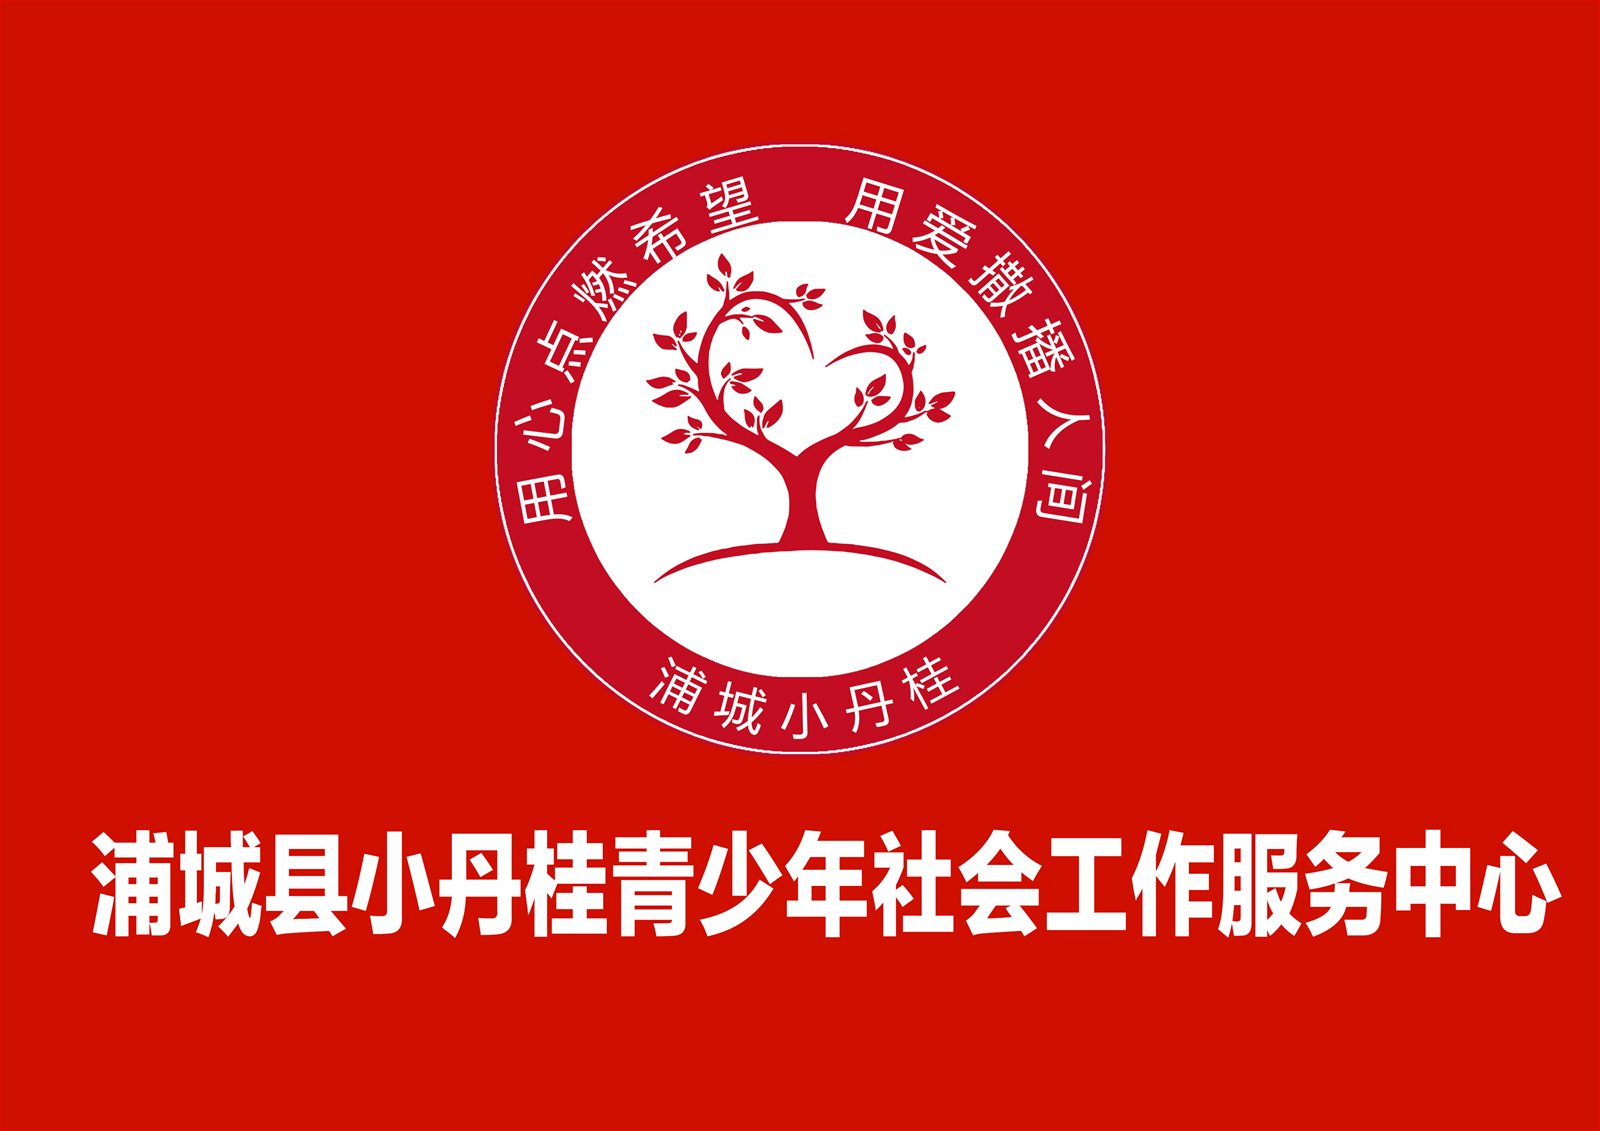 9购彩县小丹桂青少年社会工作服务中心